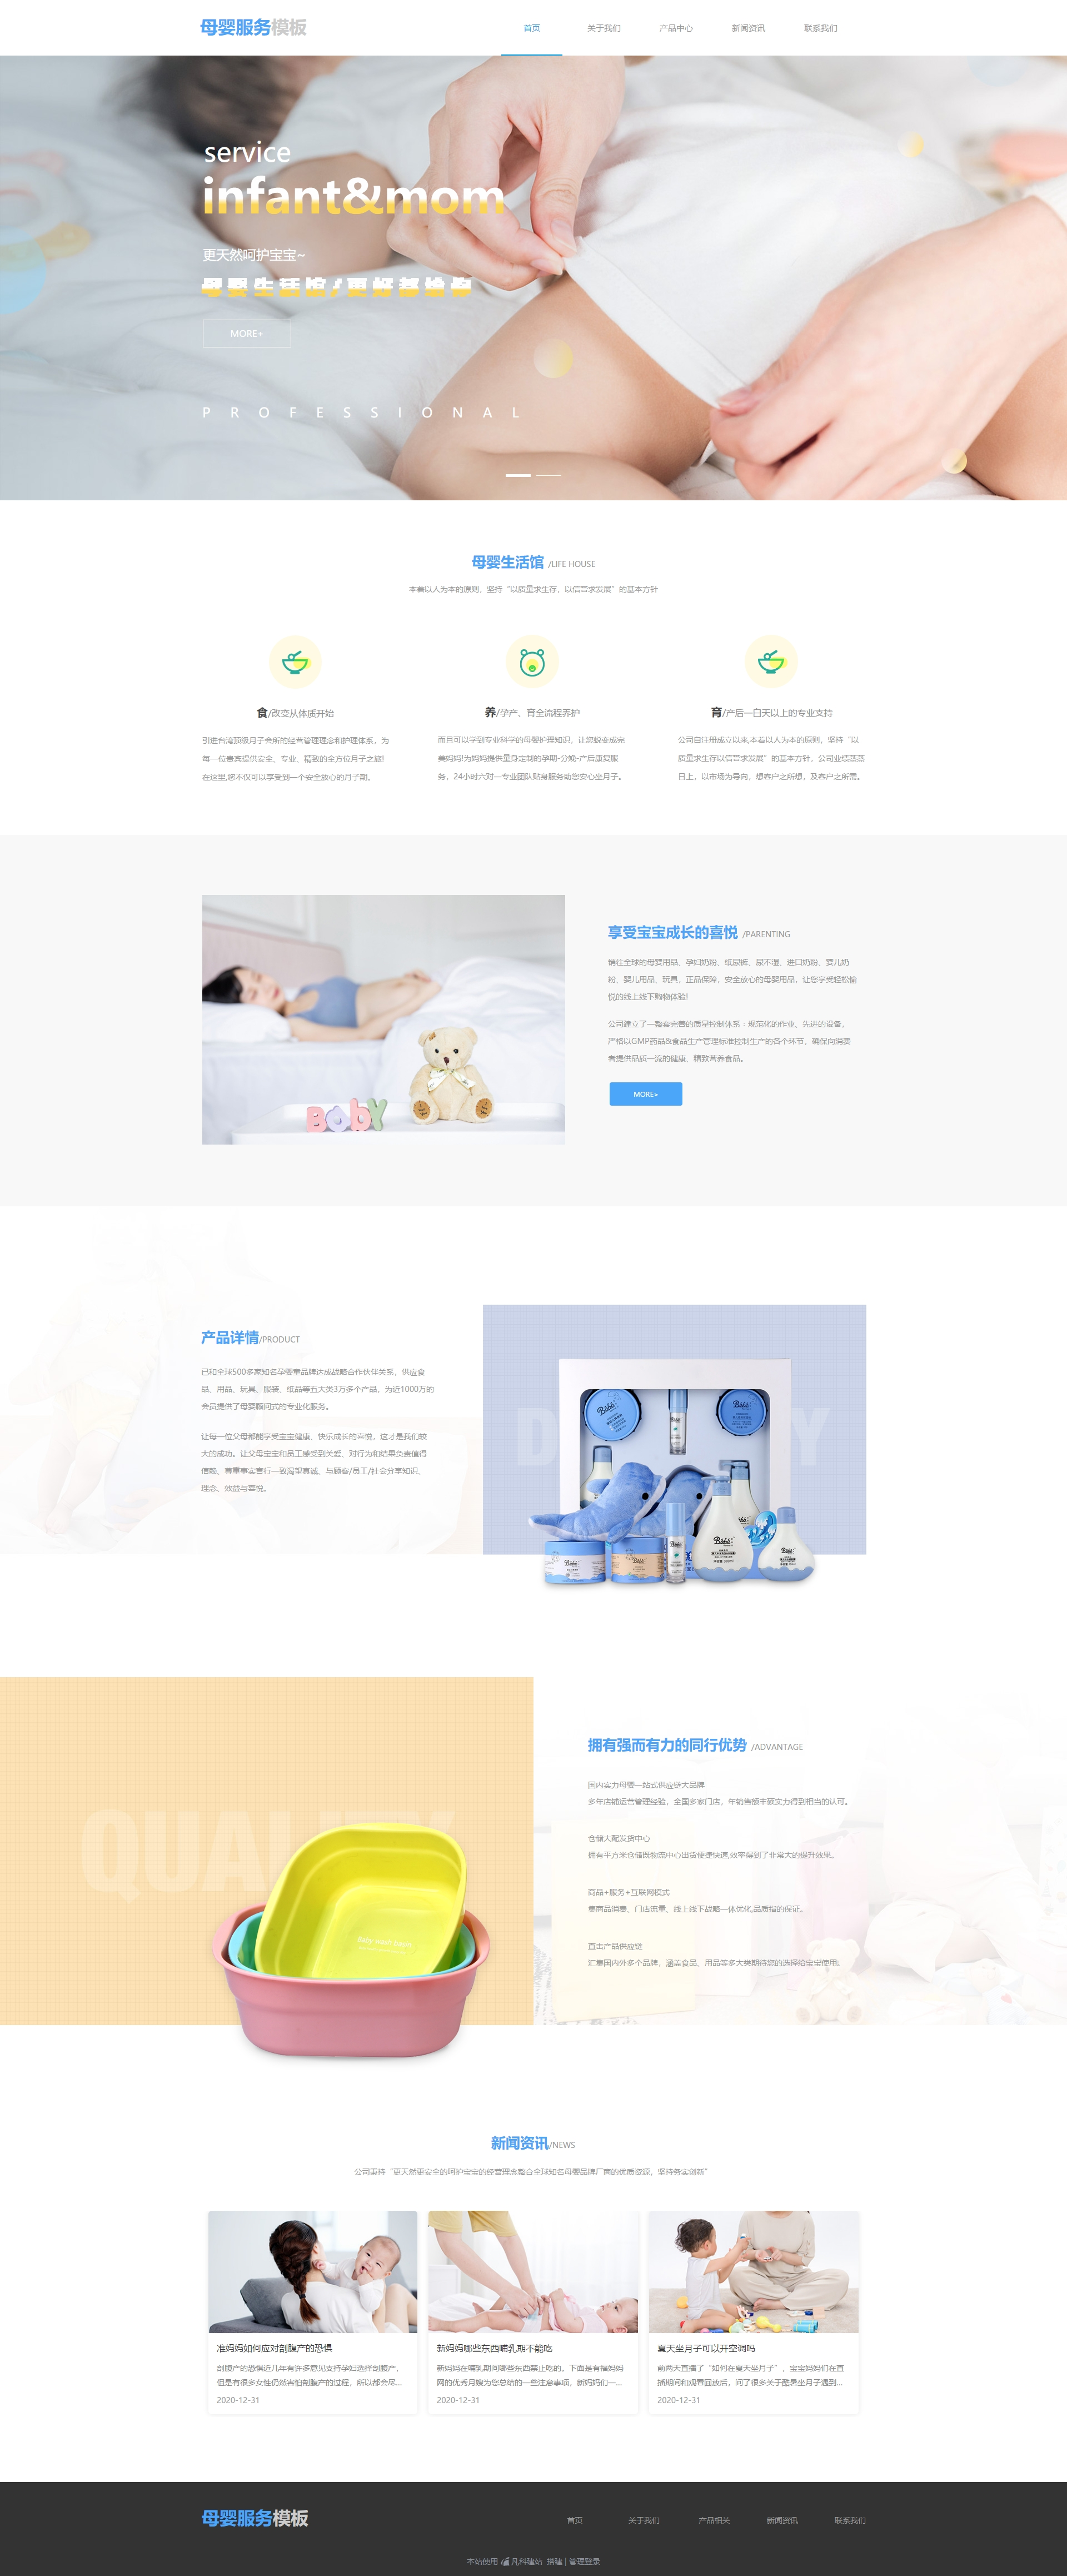 简洁母婴服务公司免费网站模板